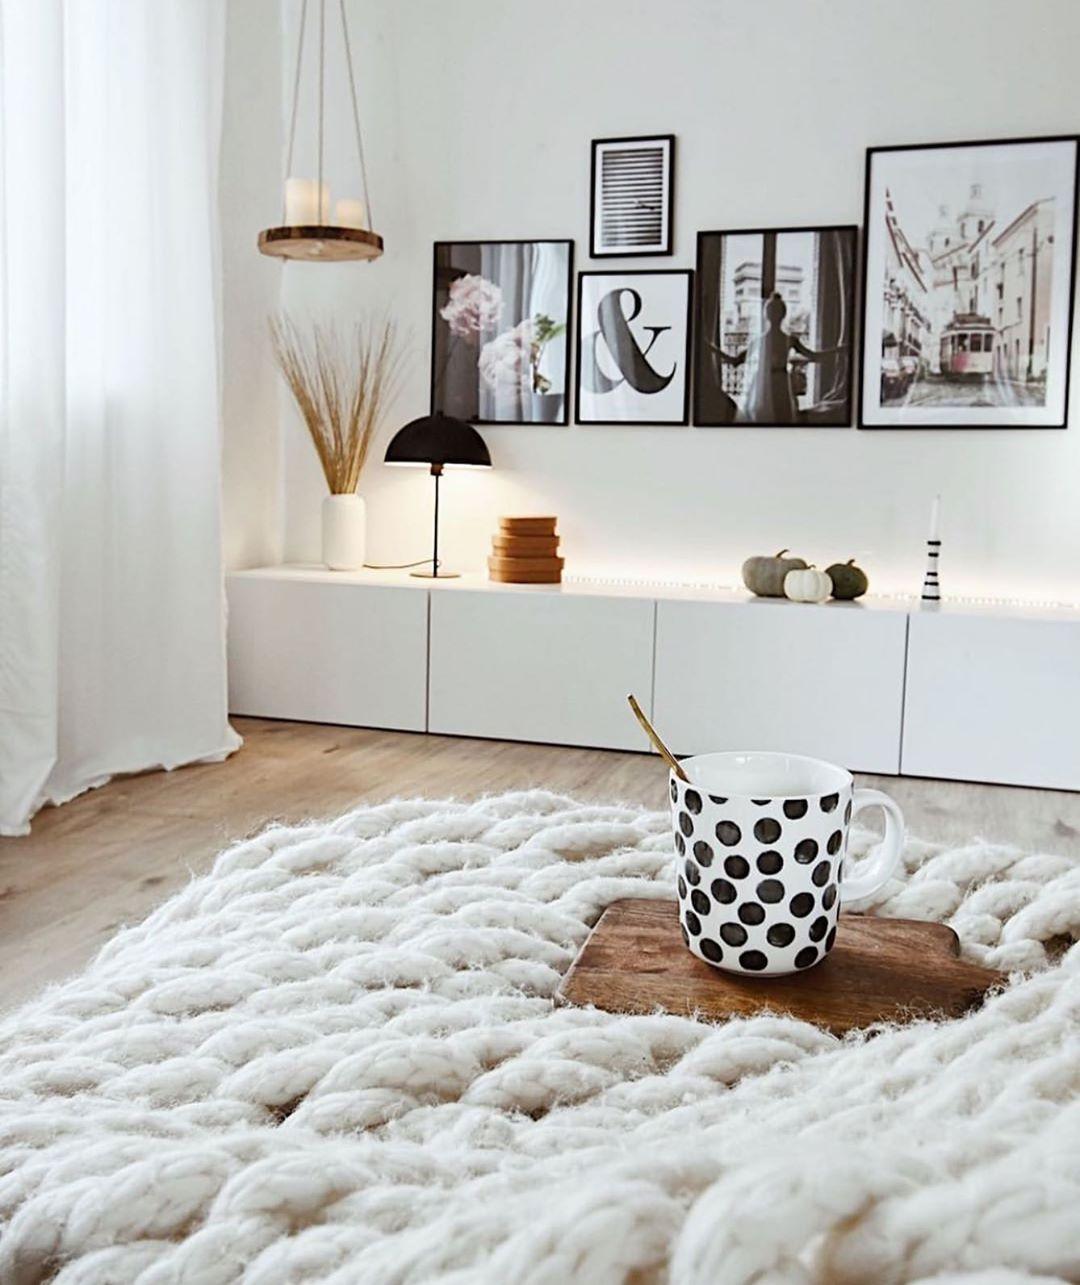 Stile Scandinavo 5 Idee Per Arredare In Stile Nordico